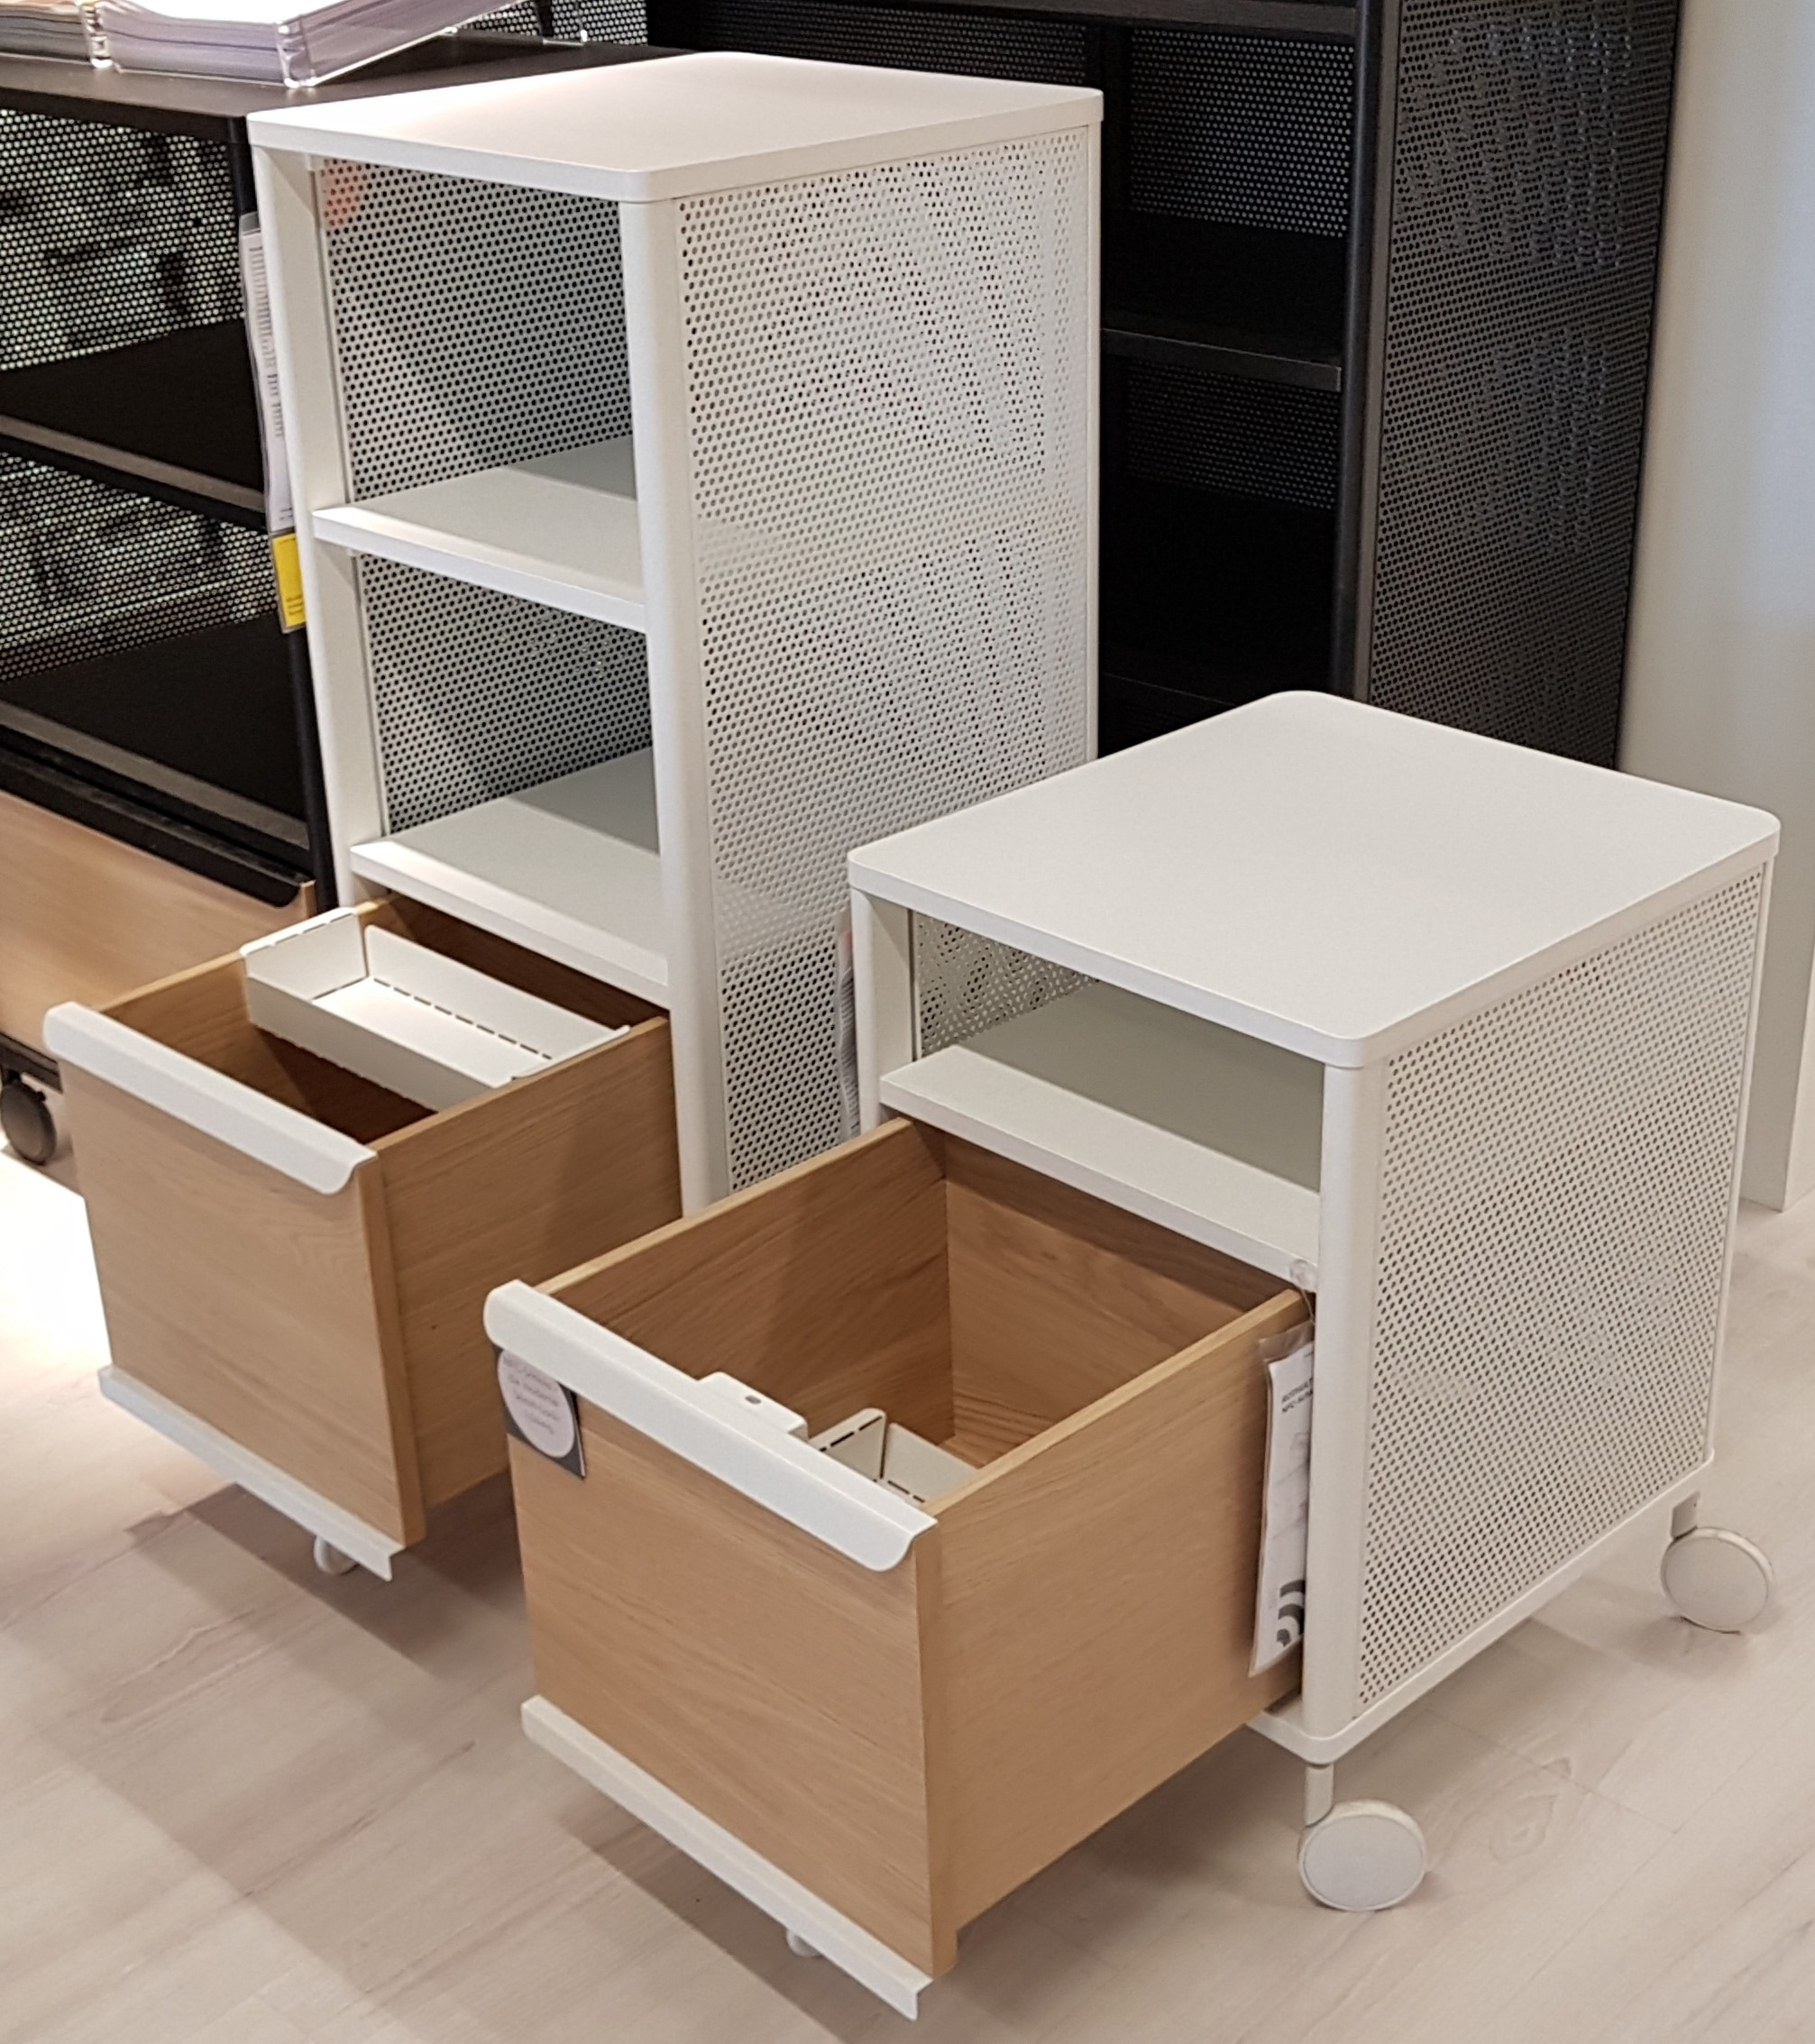 Ikea Aktenschrank Erfahrungen Die Besten Aktenschranke Von Ikea